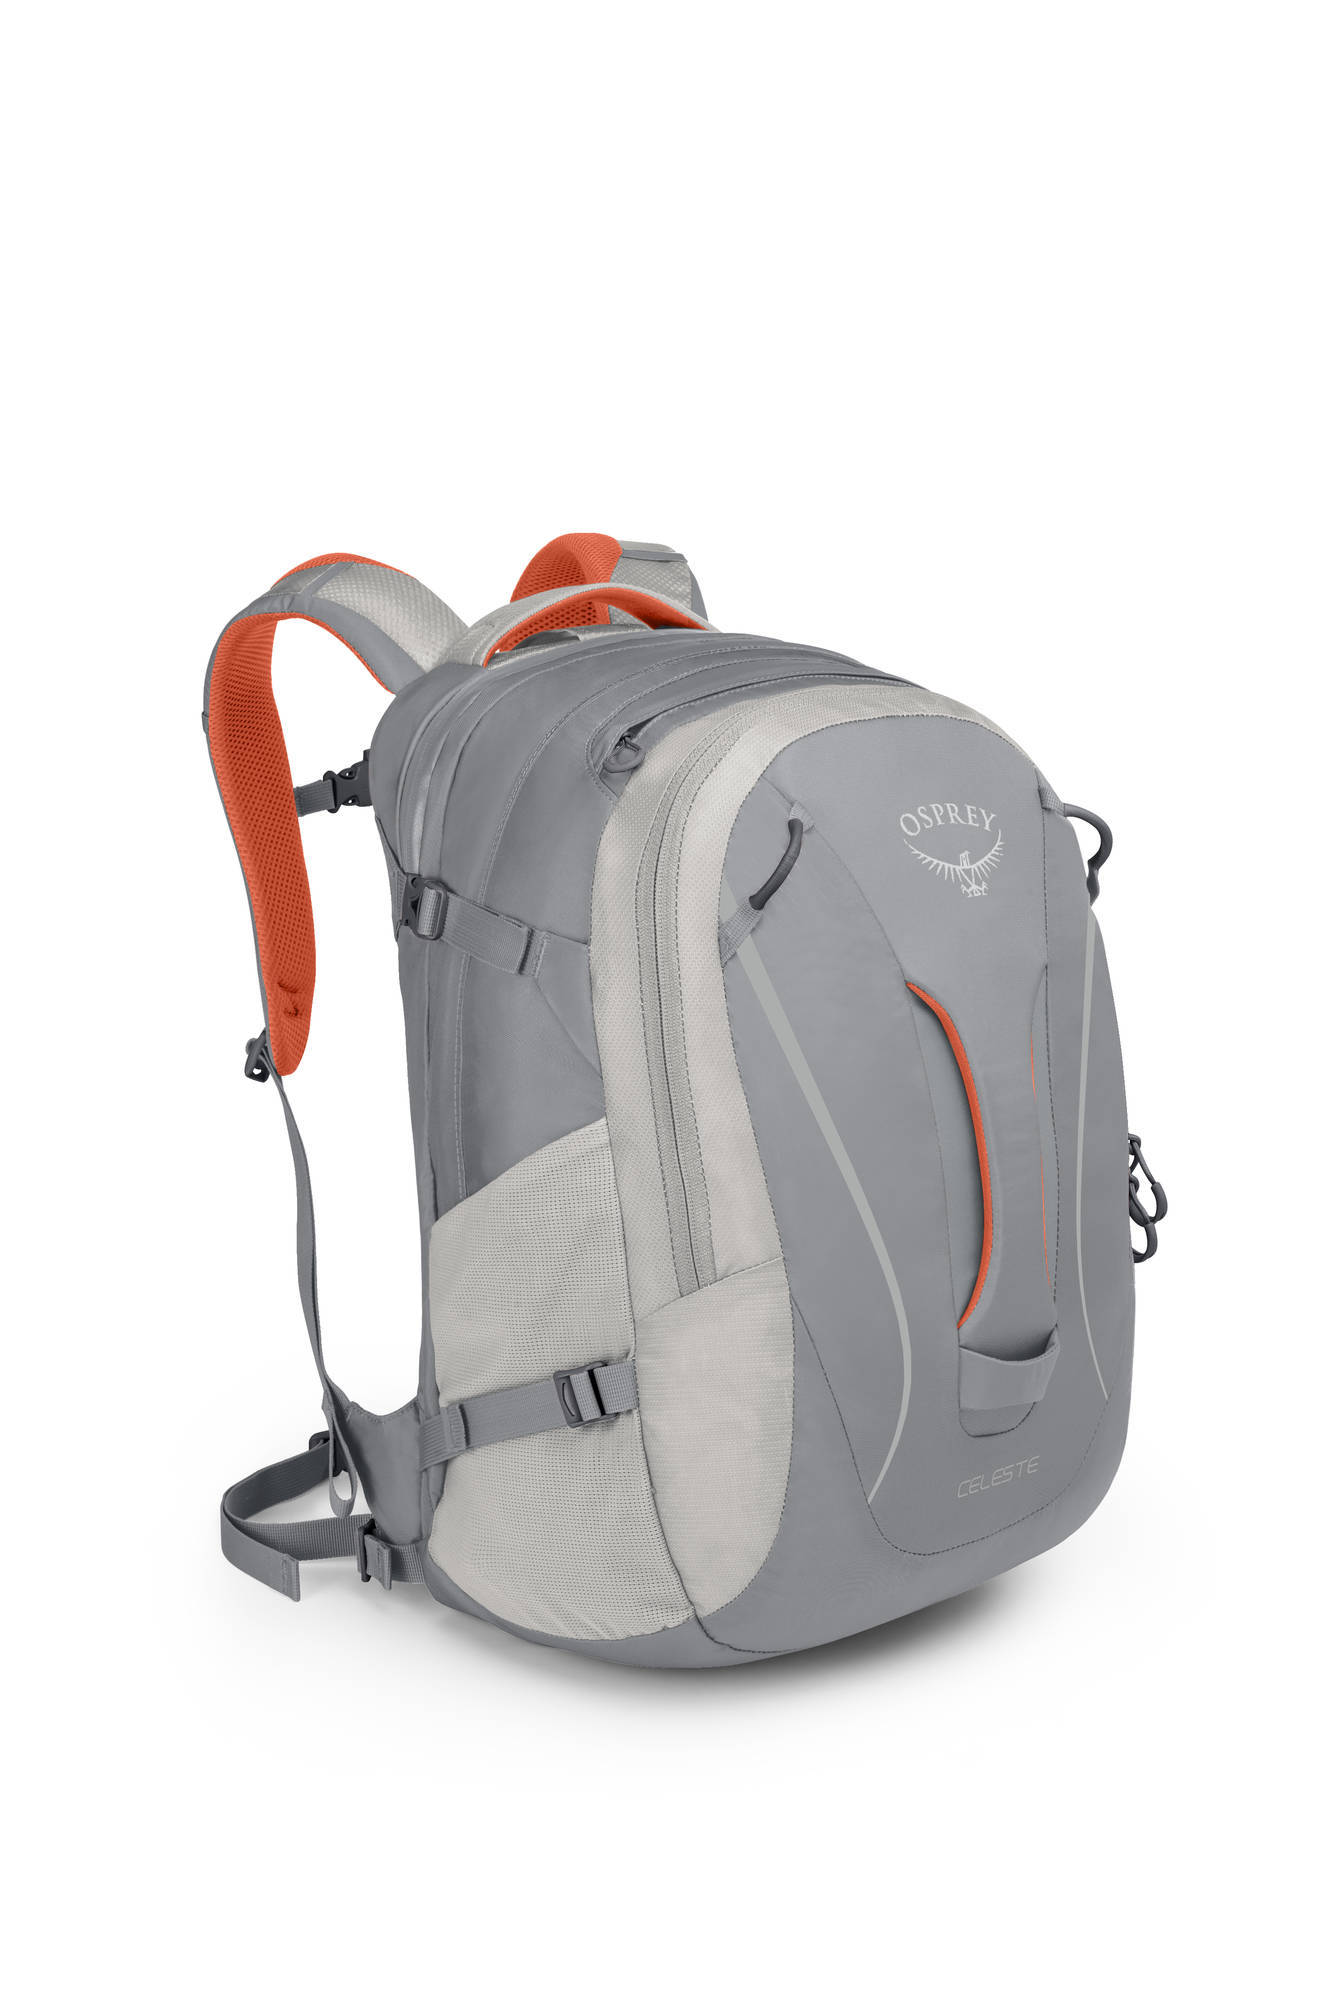 Городские рюкзаки Рюкзак городской женский Osprey Celeste 29 Celeste_29_Side_Birch_White_web.jpg